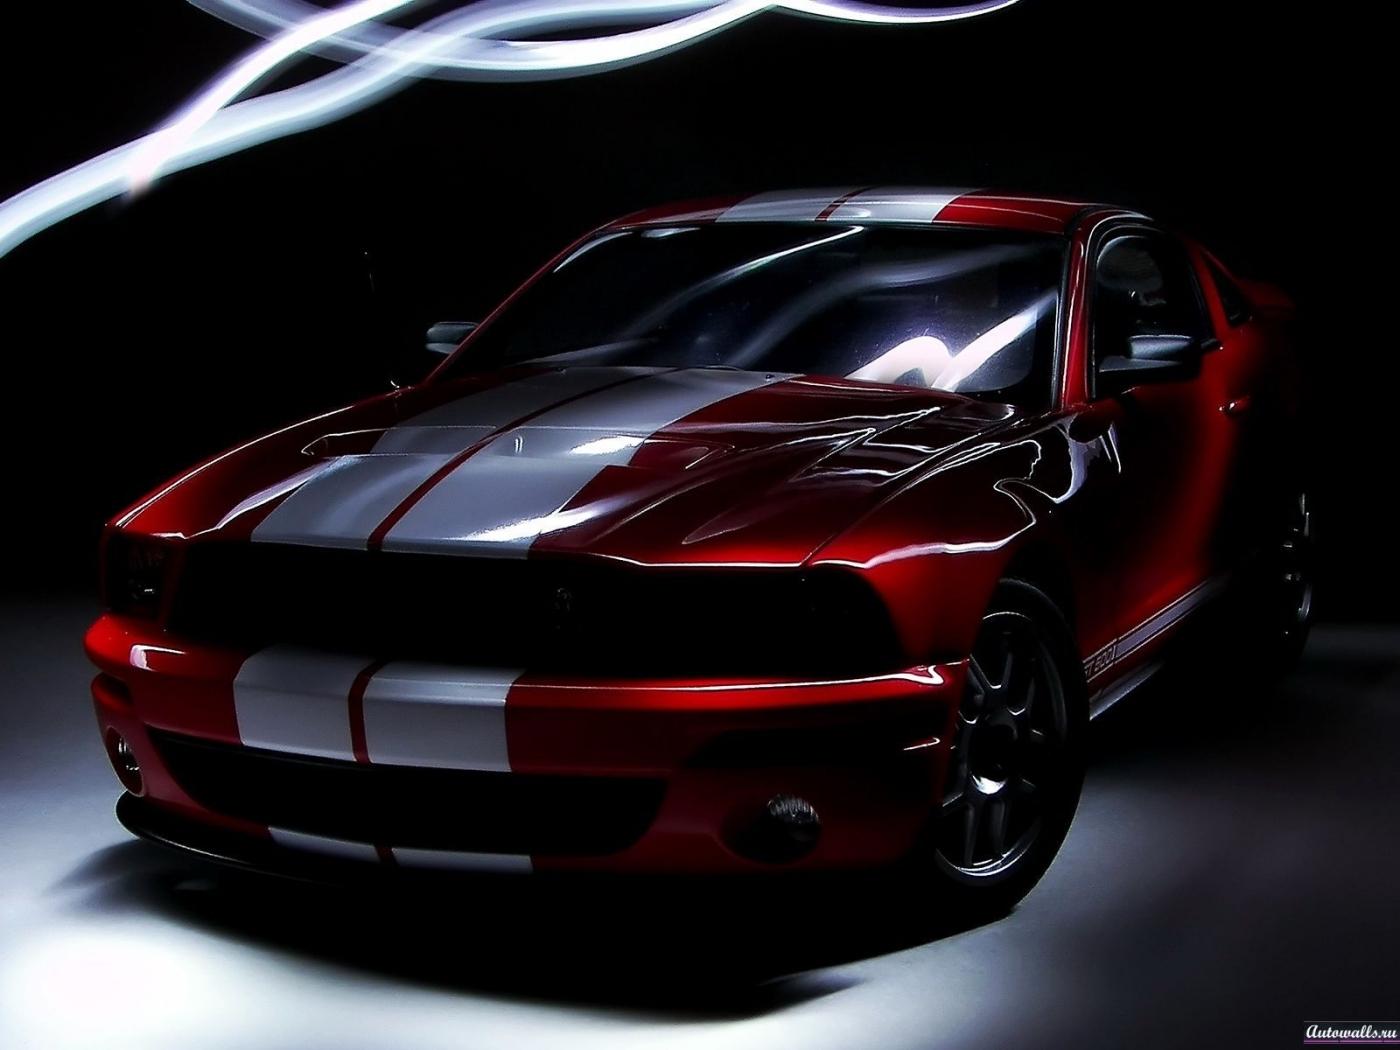 25566 скачать обои Транспорт, Машины, Мустанг (Mustang) - заставки и картинки бесплатно